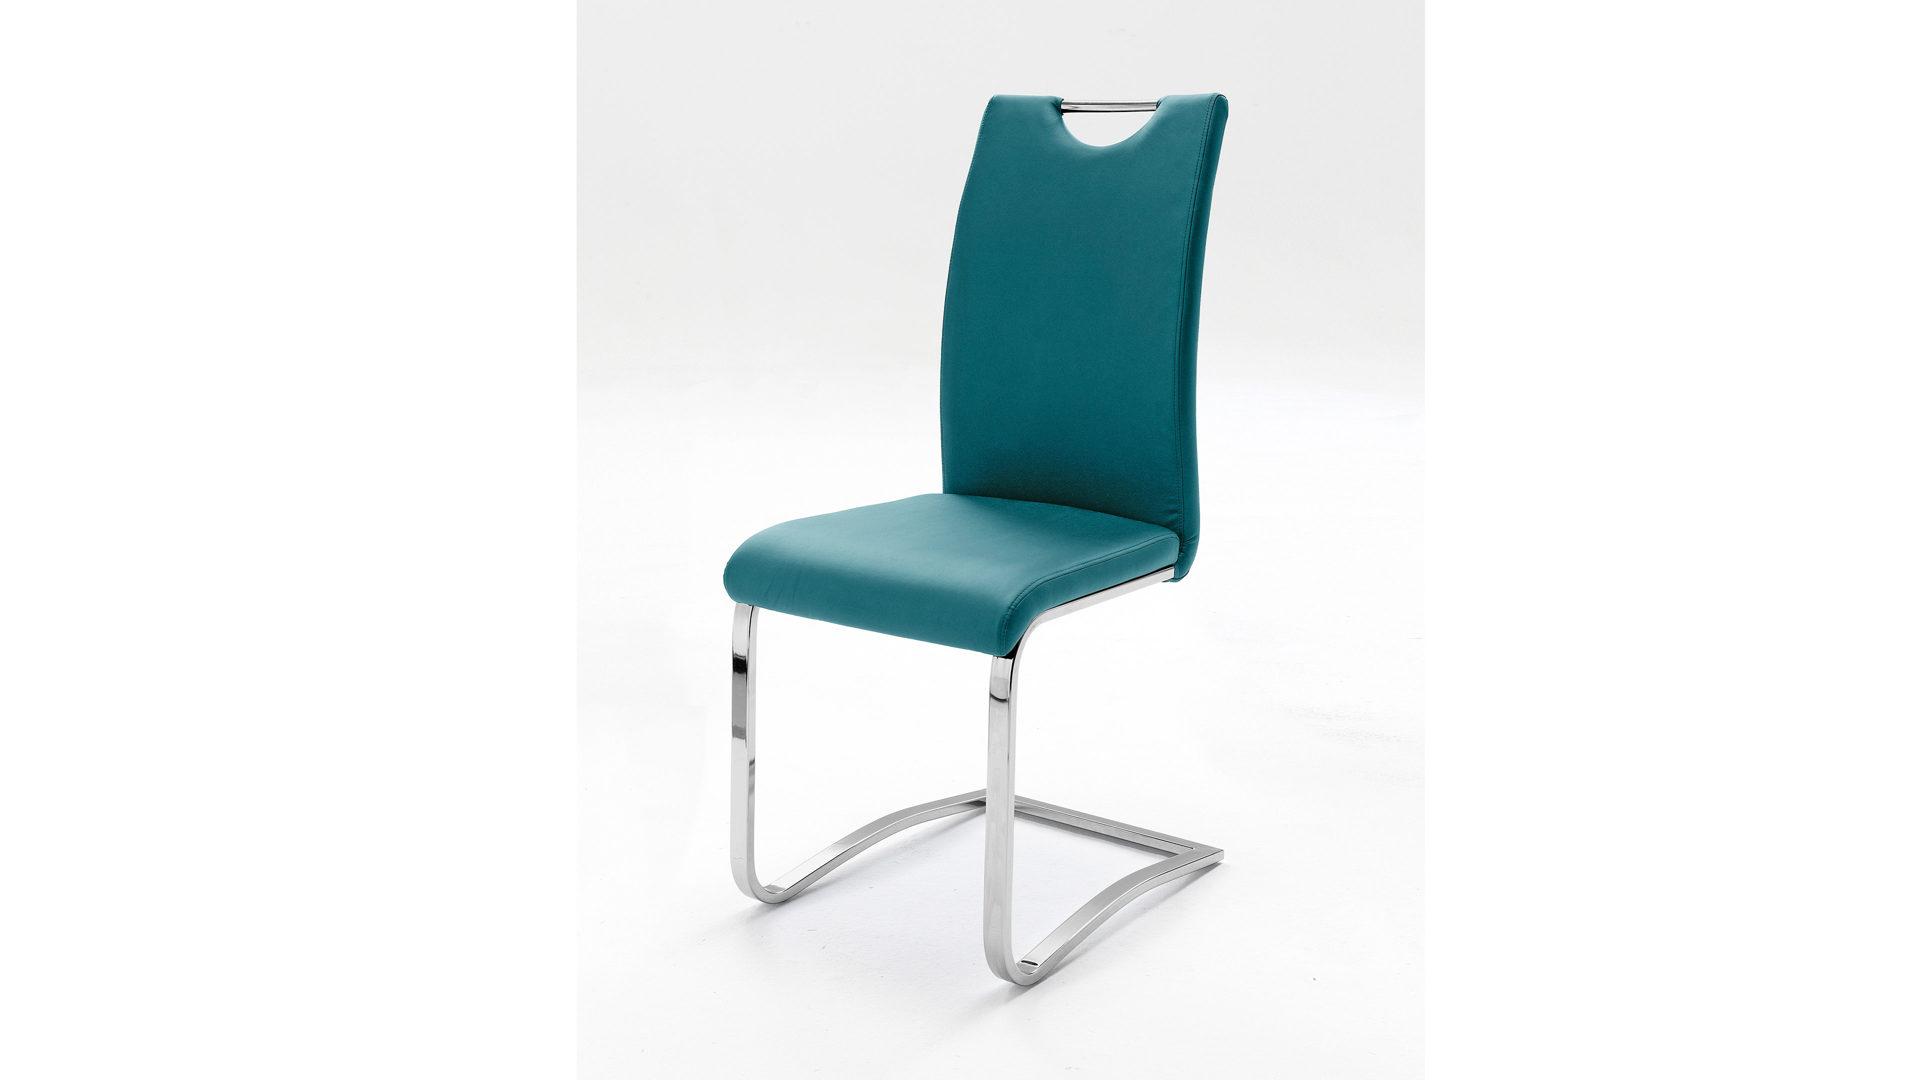 Wohnkauf Zeller Weilburg Räume Küche Stühle Bänke Schwingstuhl